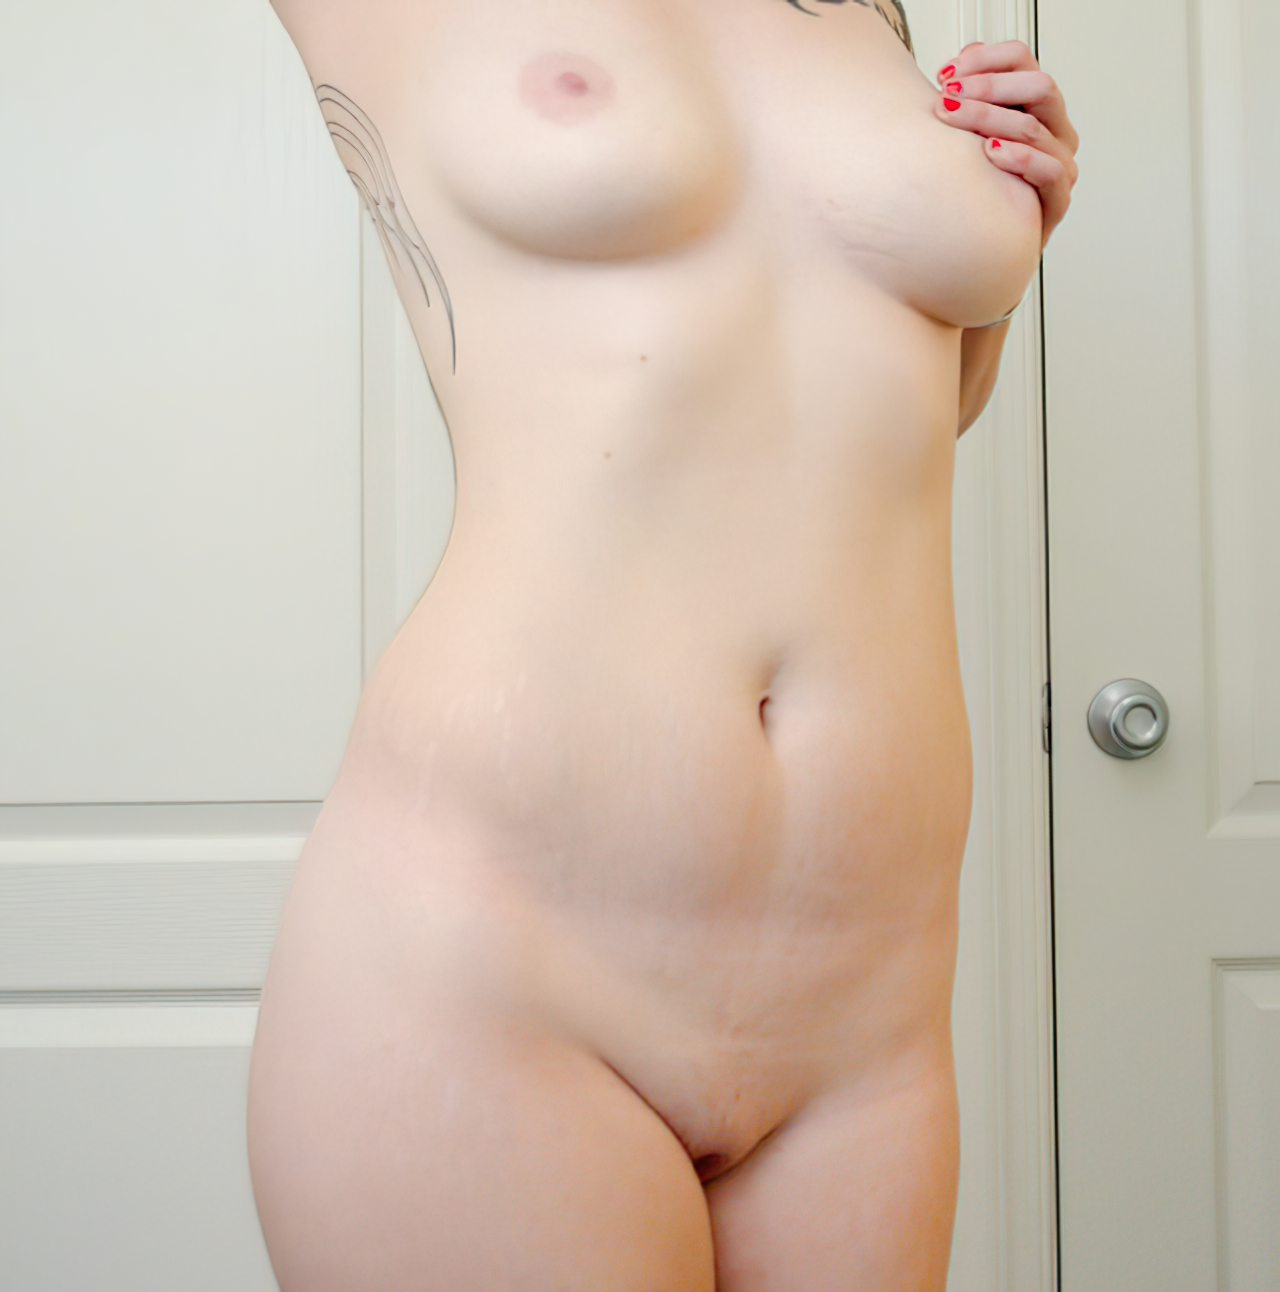 Mulheres Fotos (14)